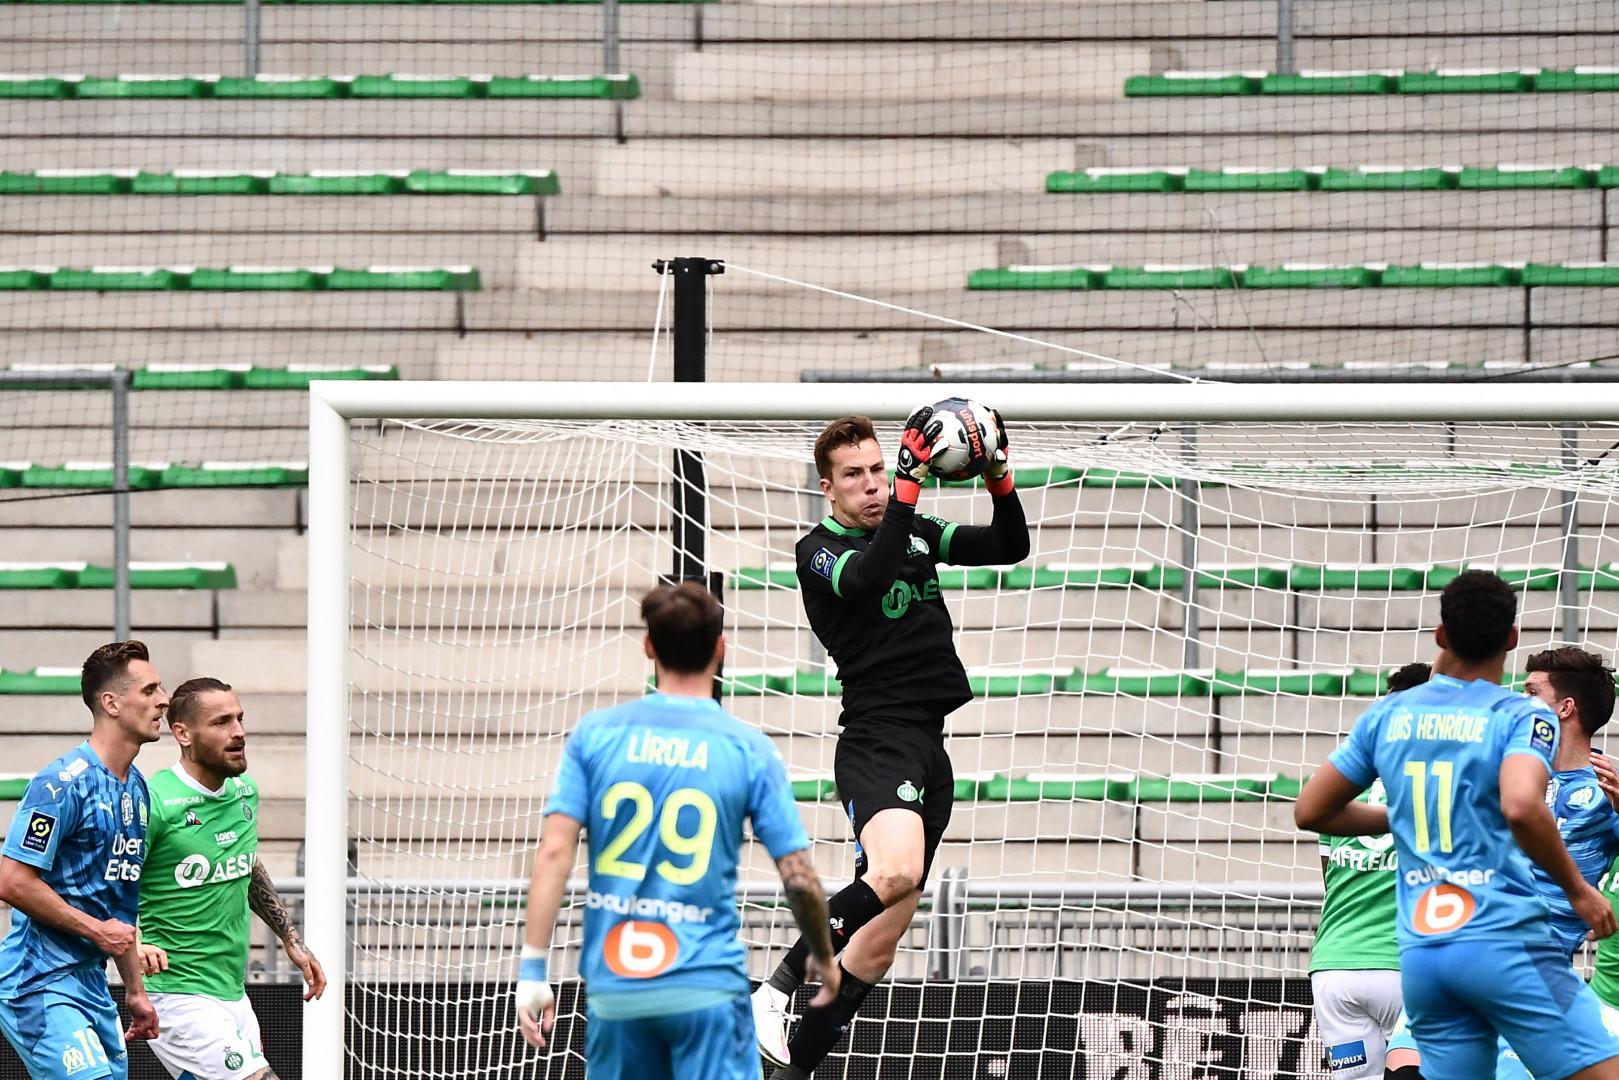 Etienne Green s'impose dans les airs avec Saint-Etienne contre Marseille le 9 mai 2021 à Geoffroy Guichard.